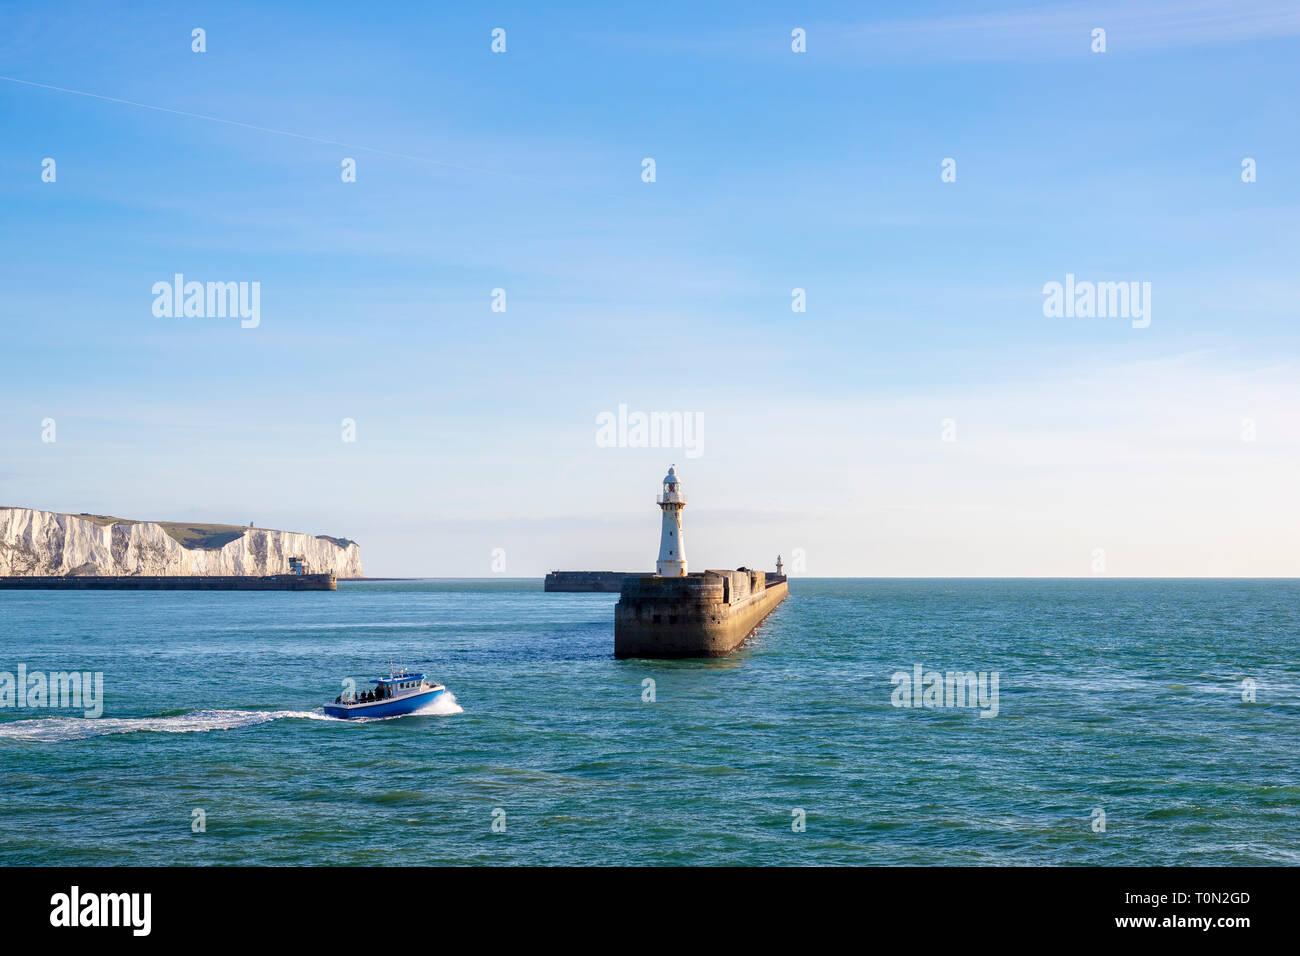 Un barco de pesca saliendo del puerto de Dover; con la icónica acantilados blancos en el fondo. Foto de stock